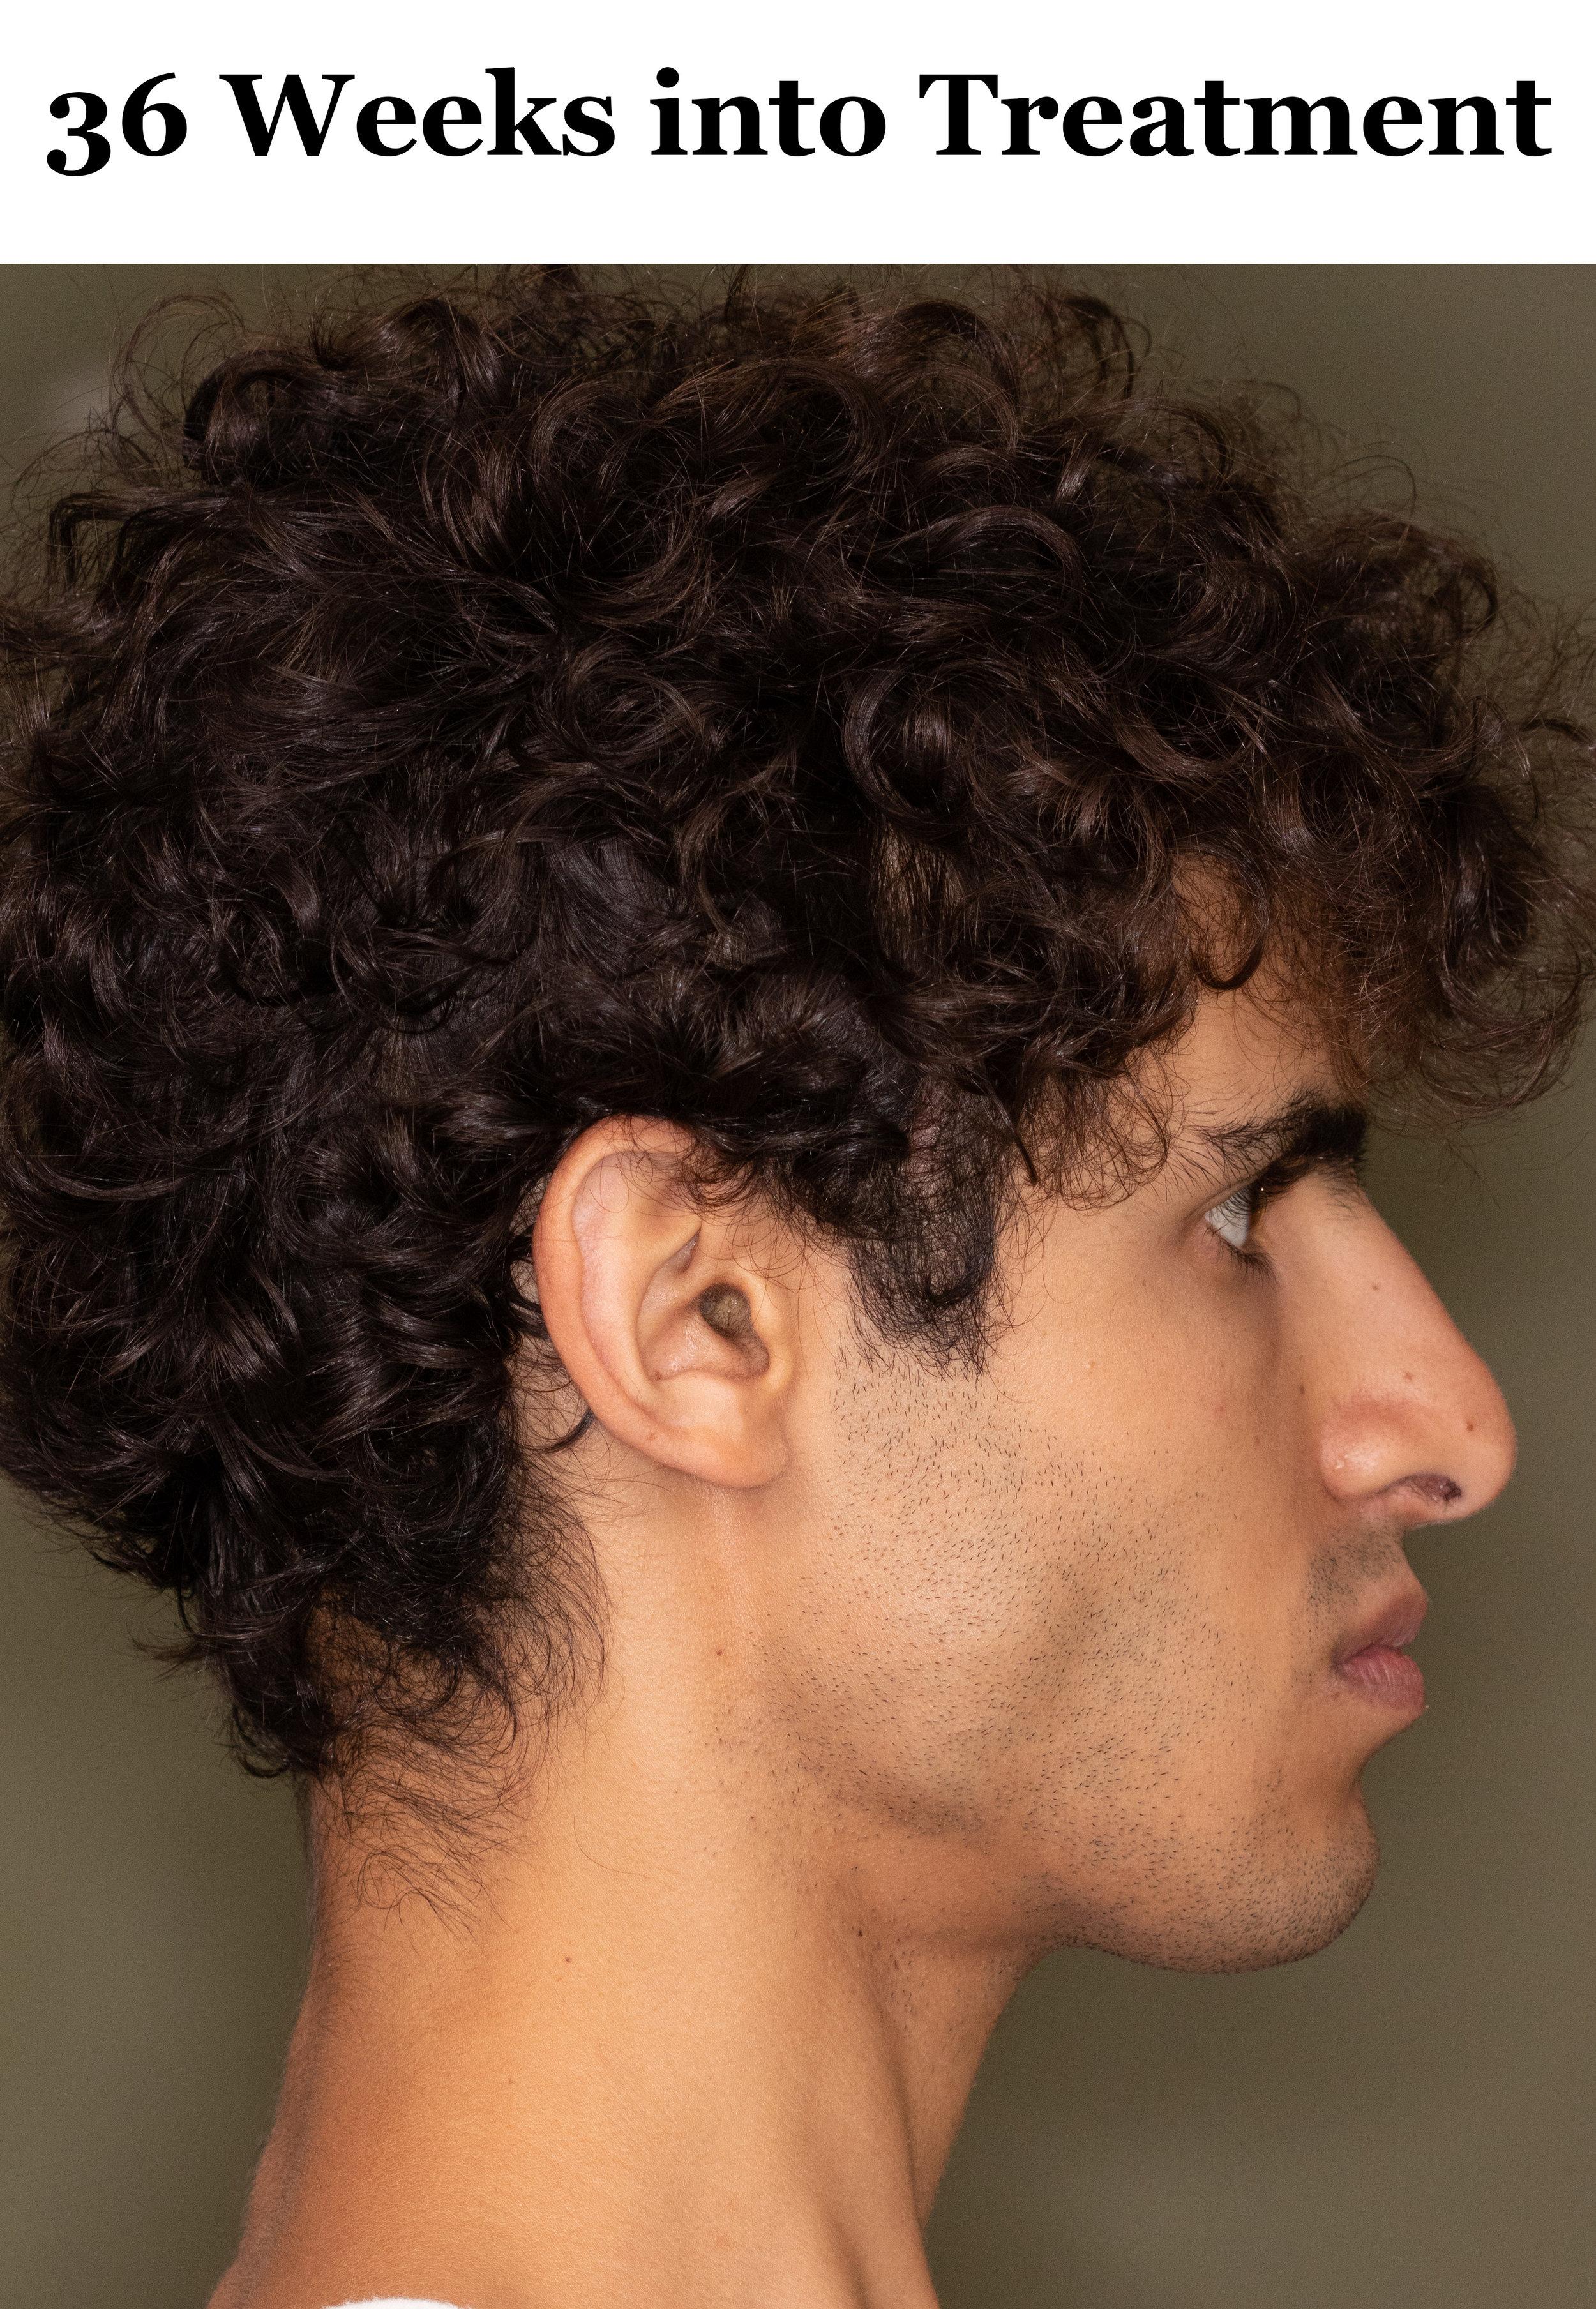 36 Weeks Side Profile.jpg